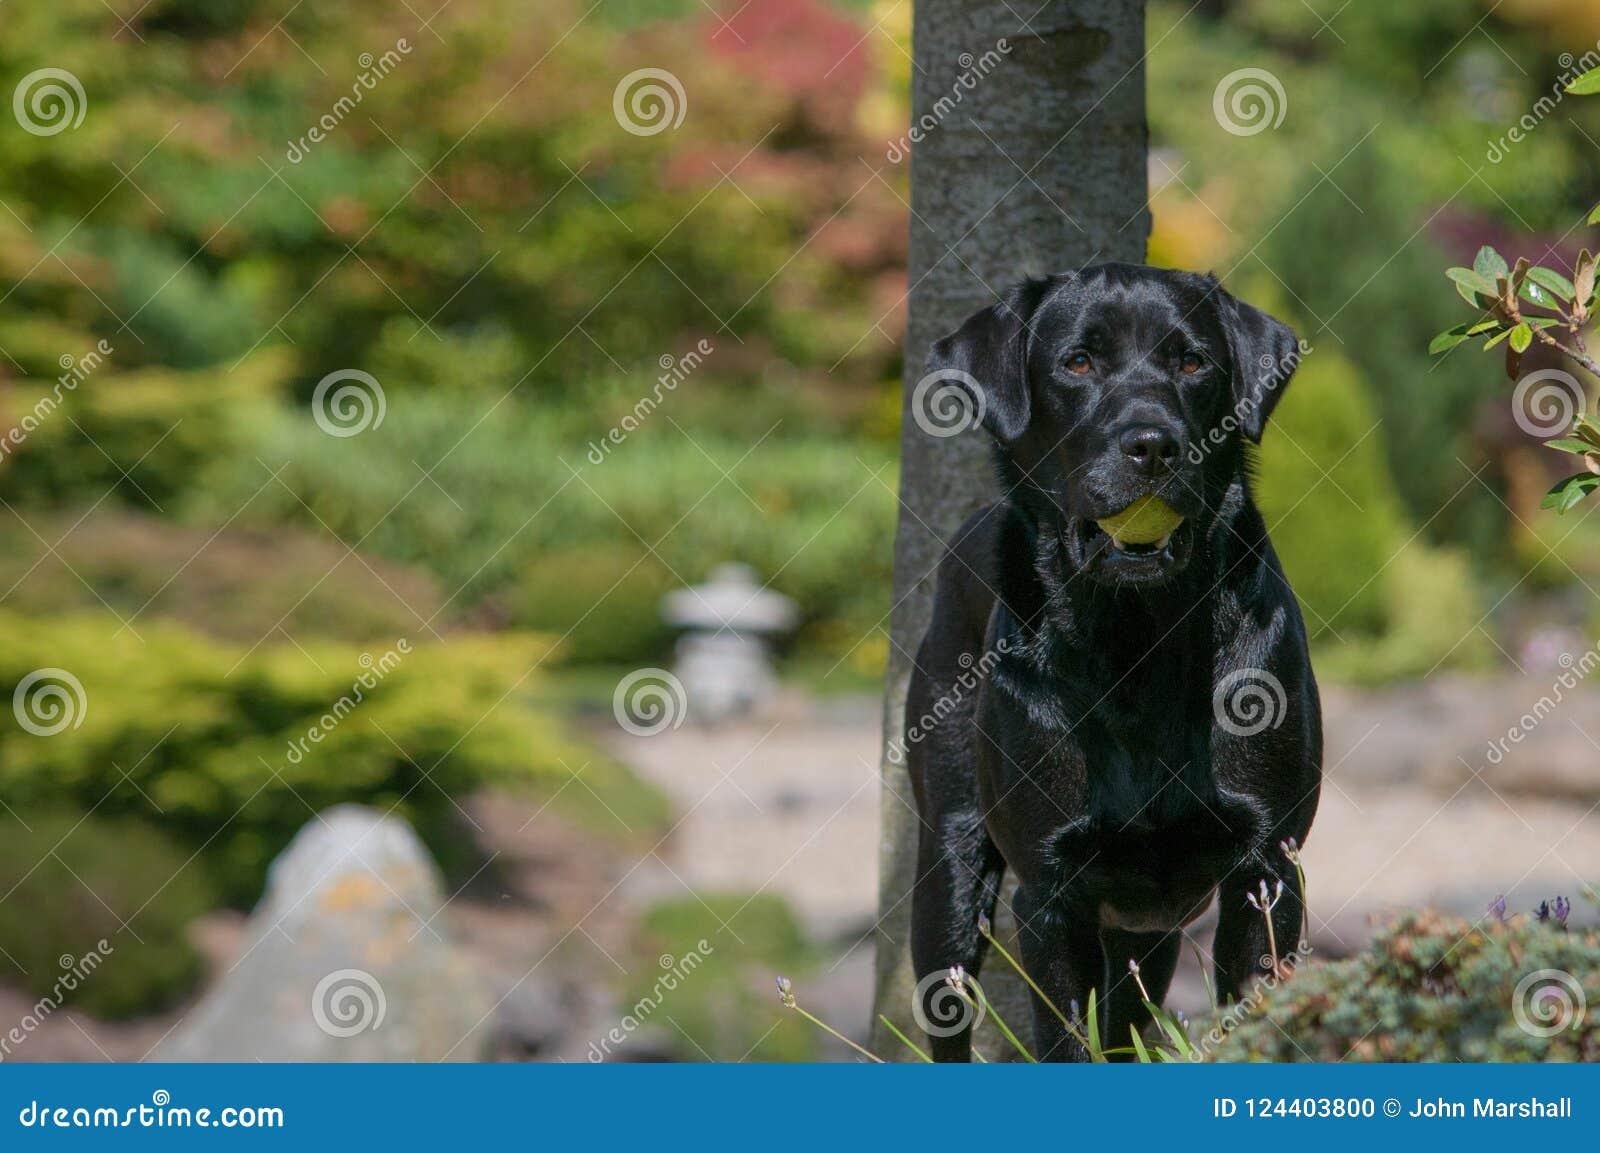 Shiny Black Labrador in Garden With Tennis Ball